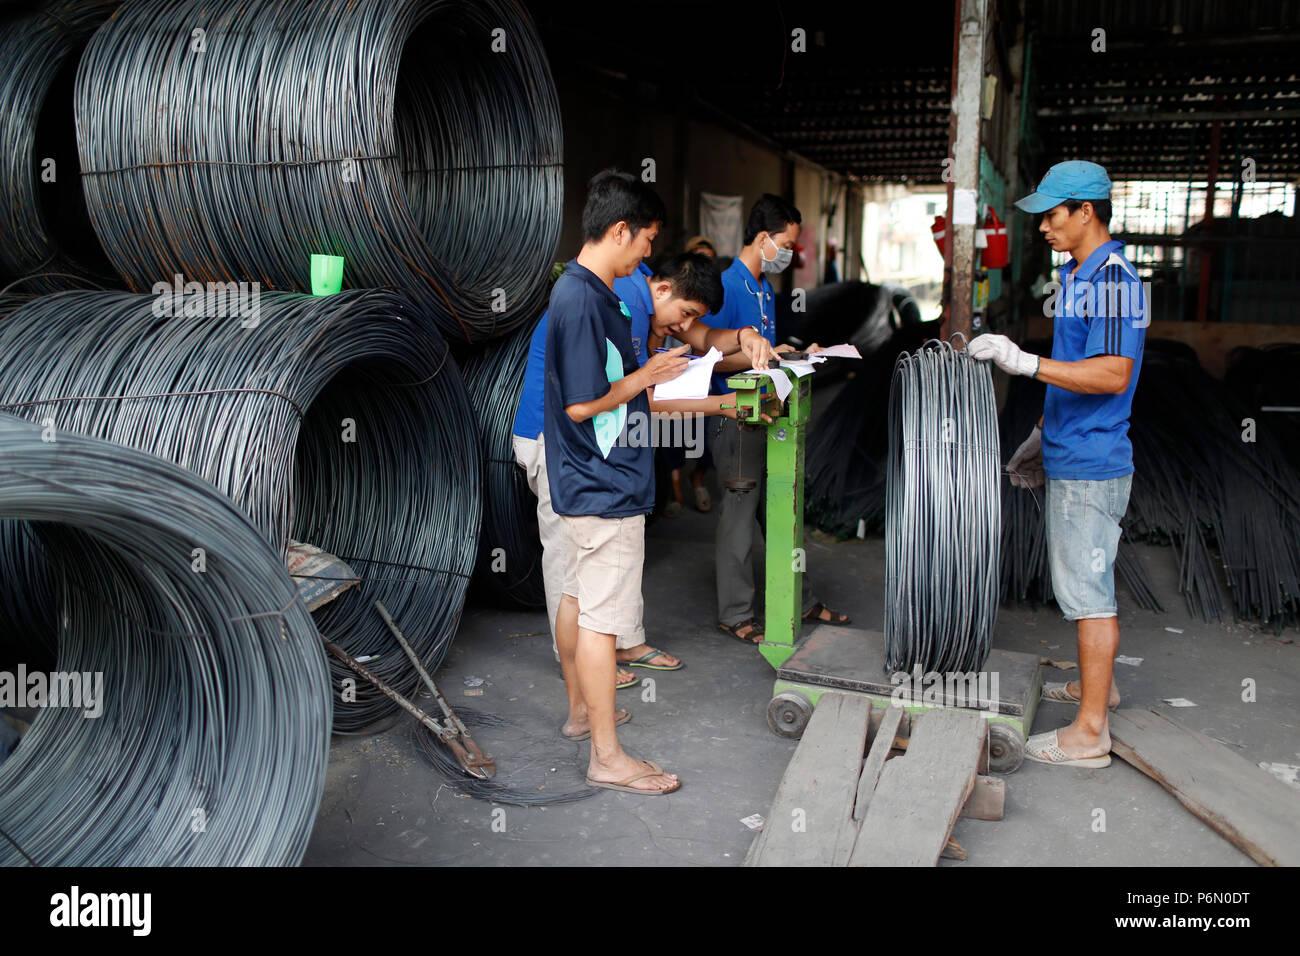 Armature en acier pour la construction d'armature pour béton industrie du bâtiment. Les travailleurs de la construction. L'échelle de poids. Cai Be. Le Vietnam. Photo Stock